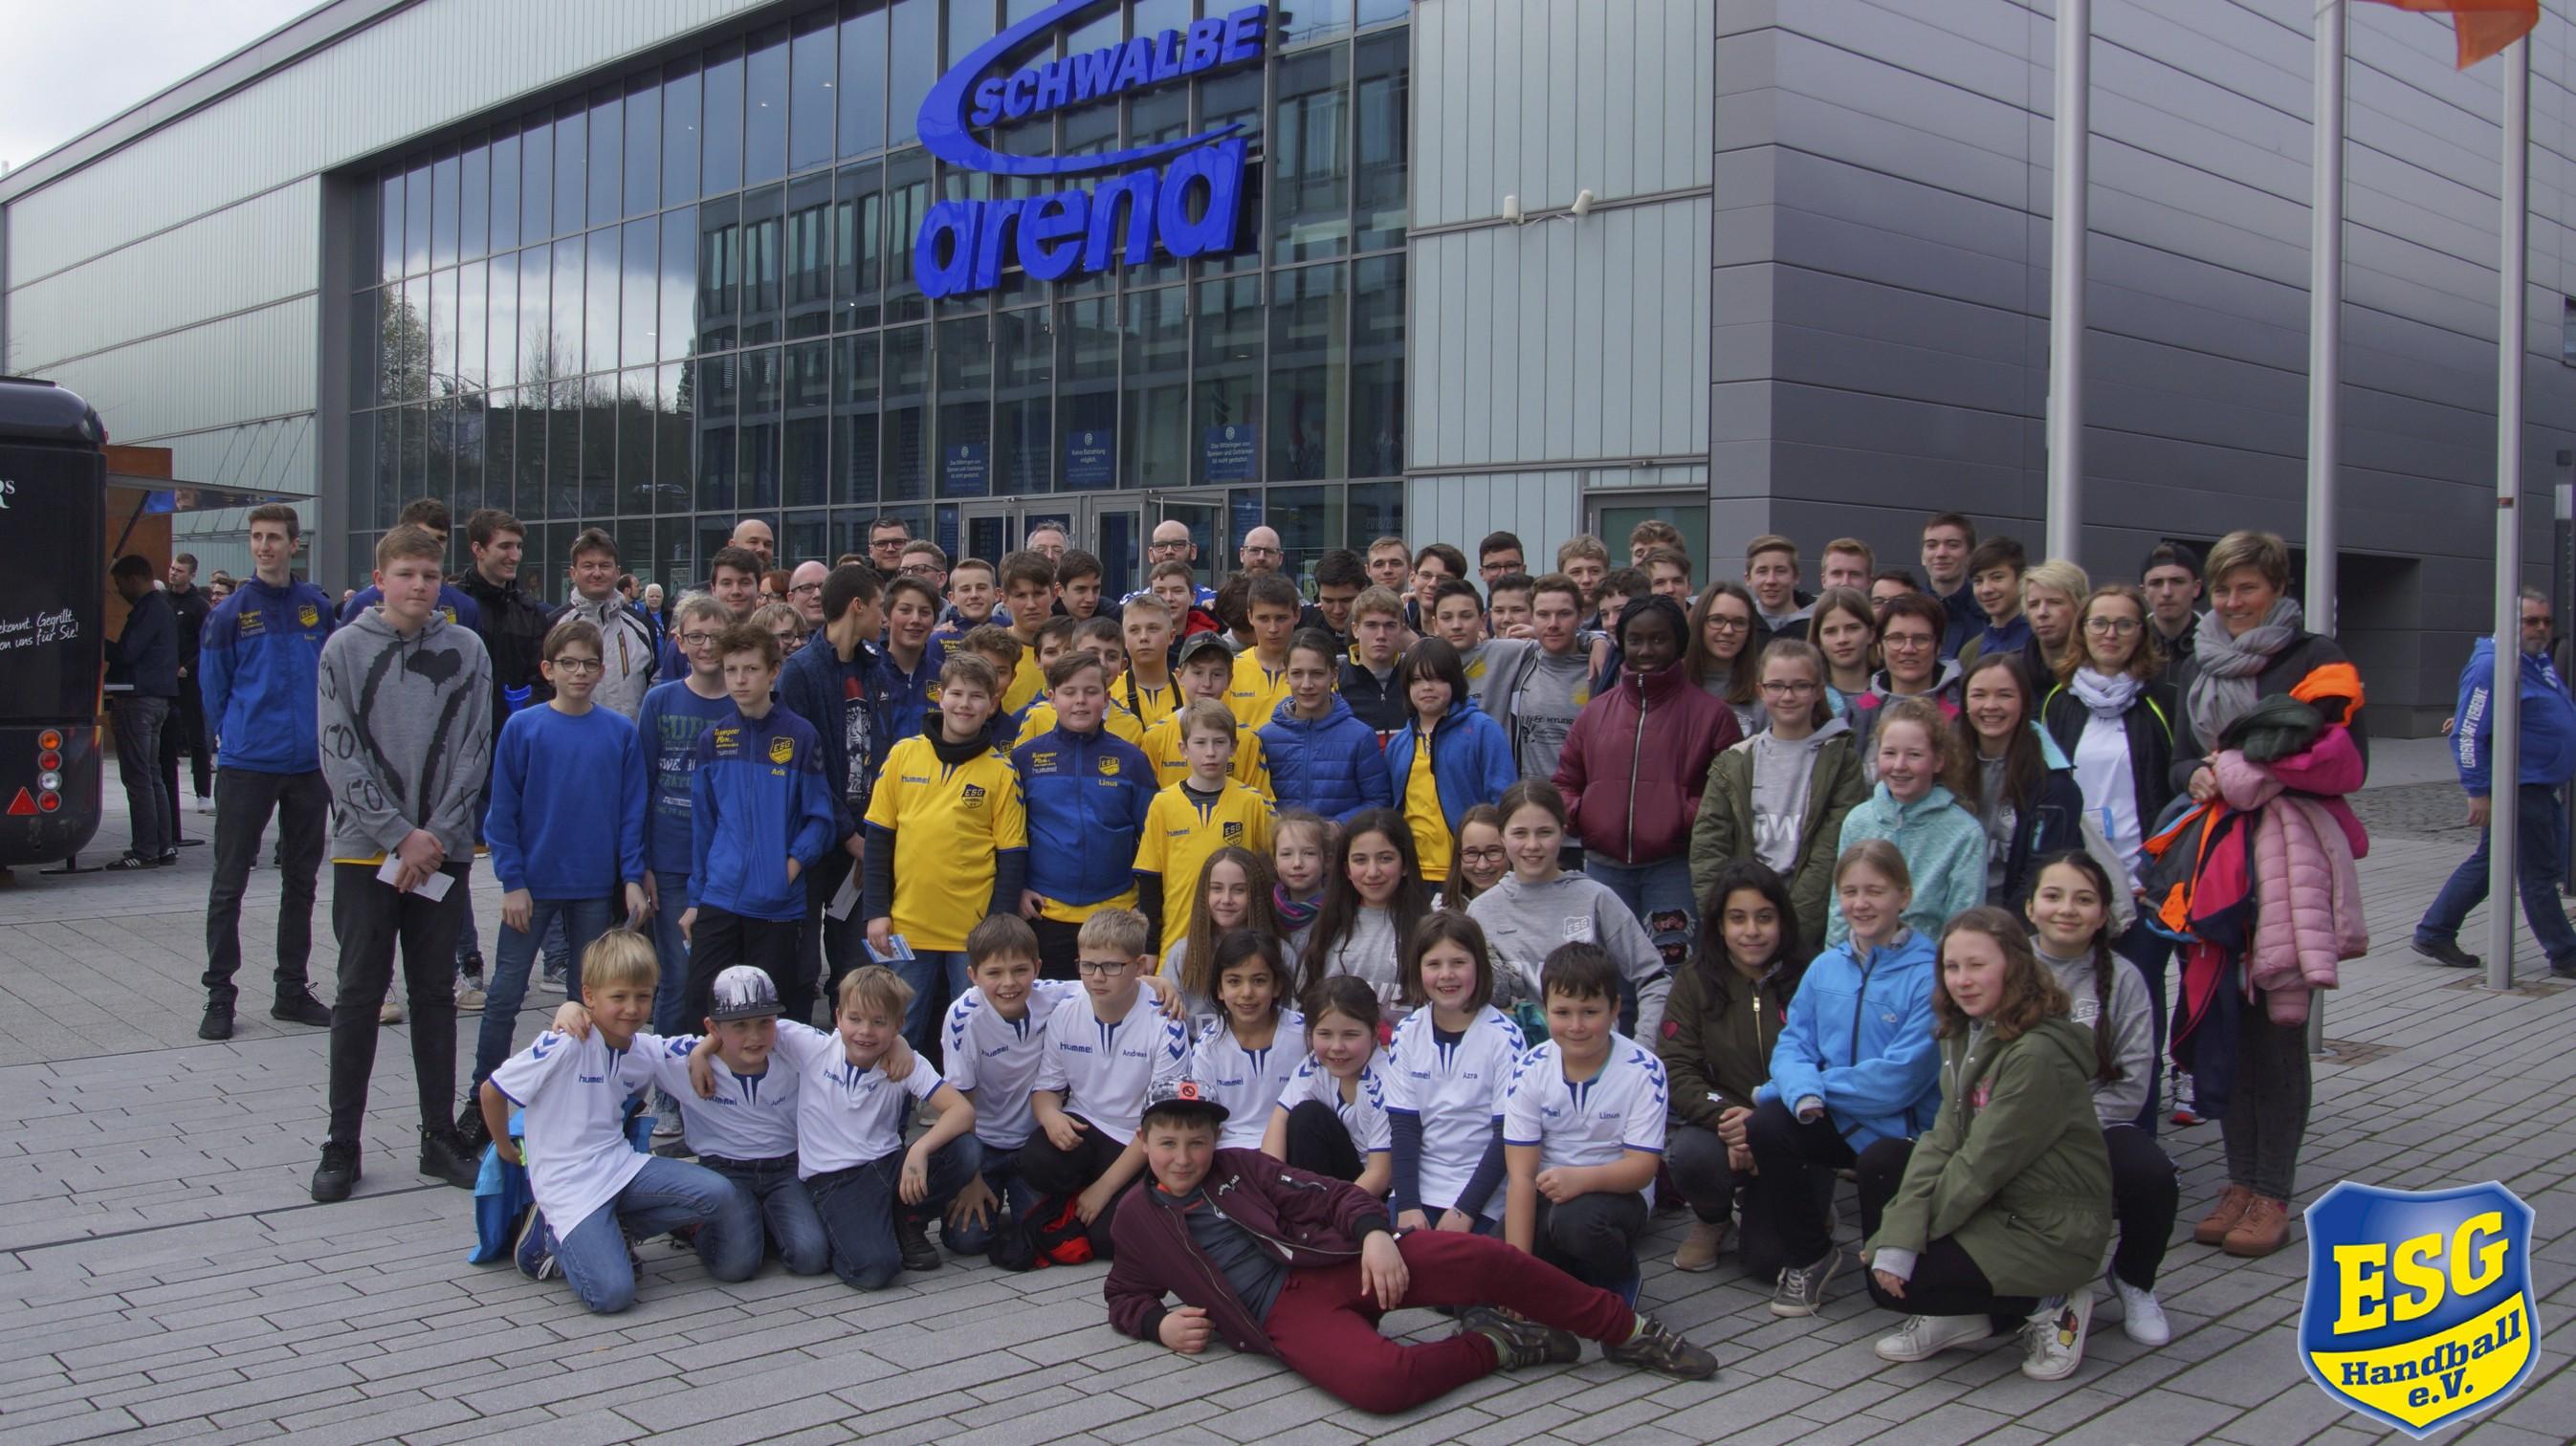 Jugendfahrt Gummersbach 2019